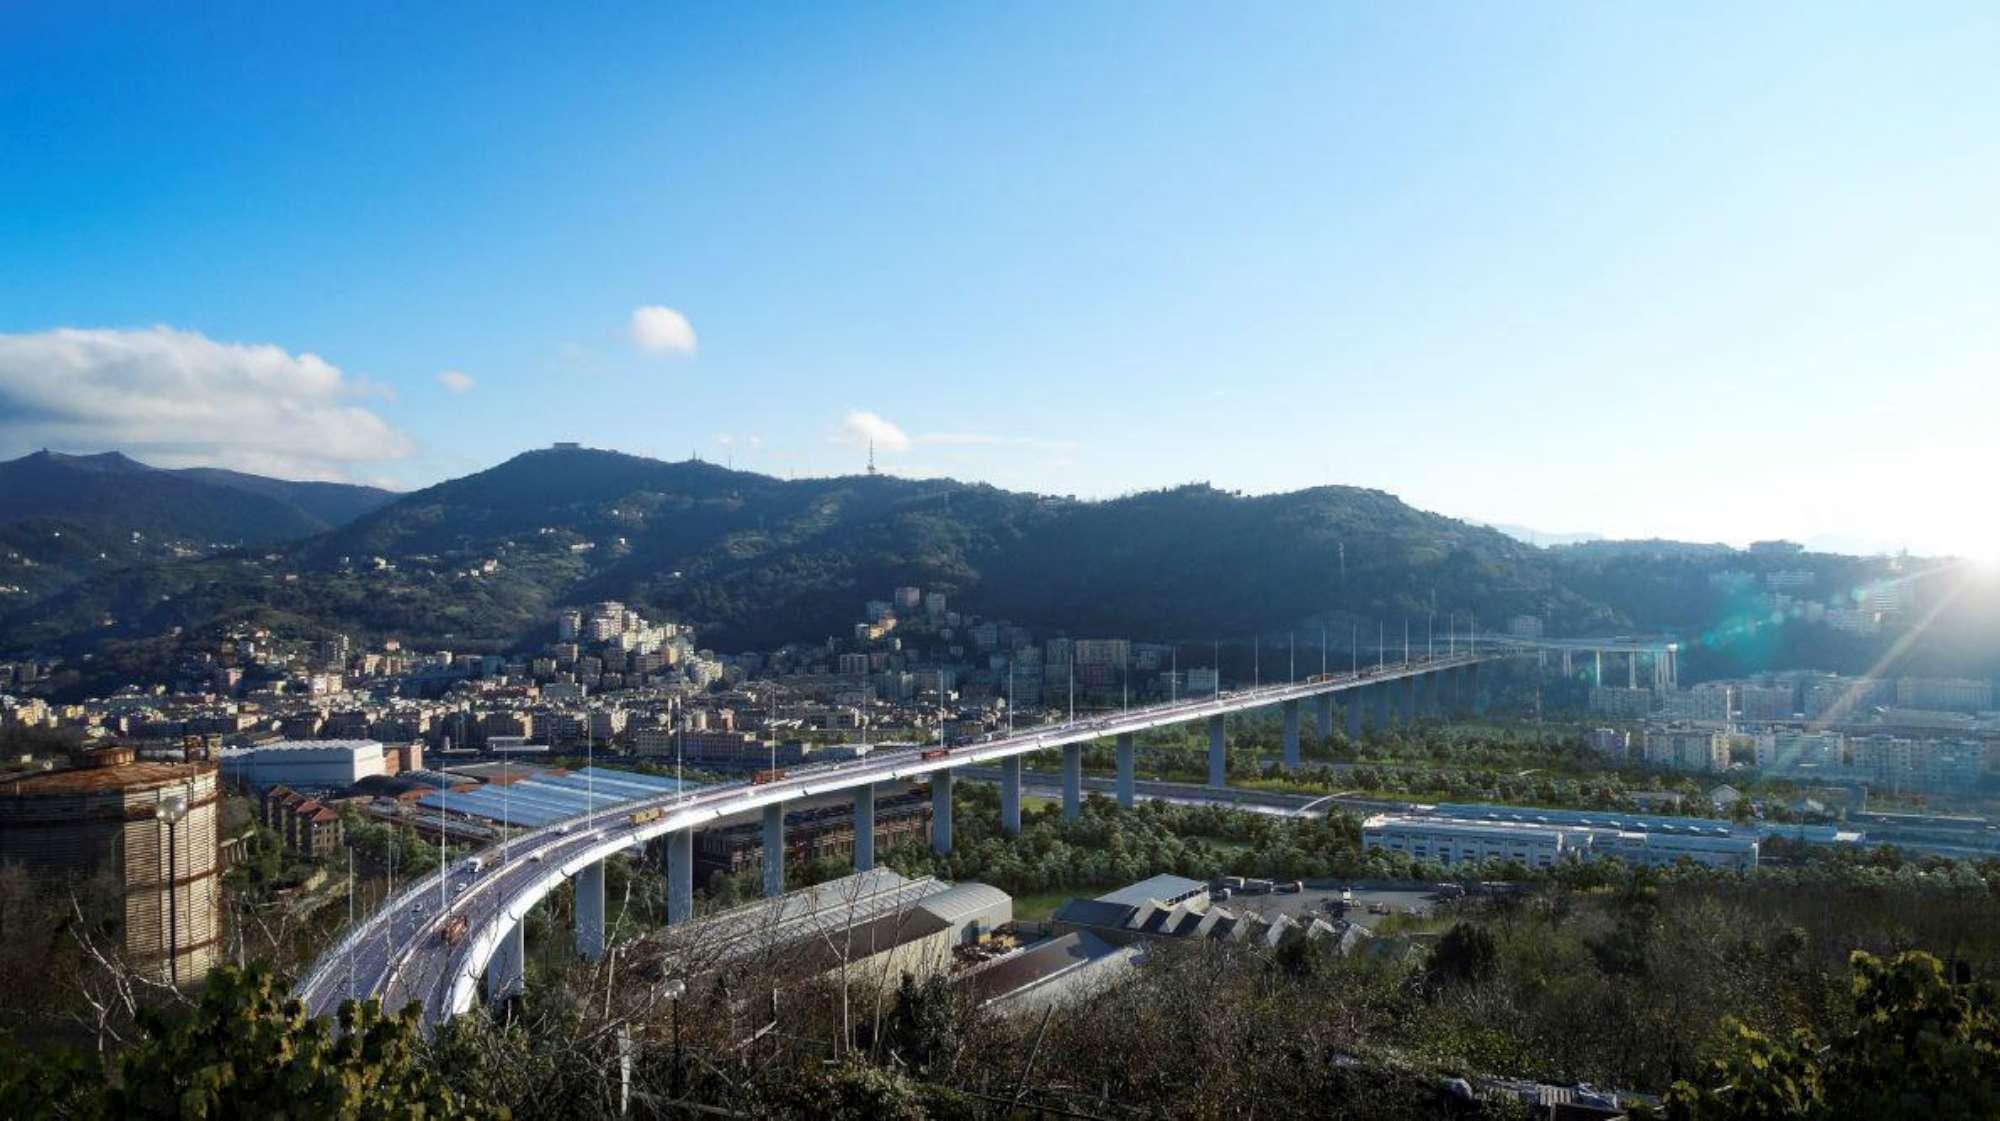 Genova, il ponte  rifatto  da Renzo Piano:  Durerà mille anni